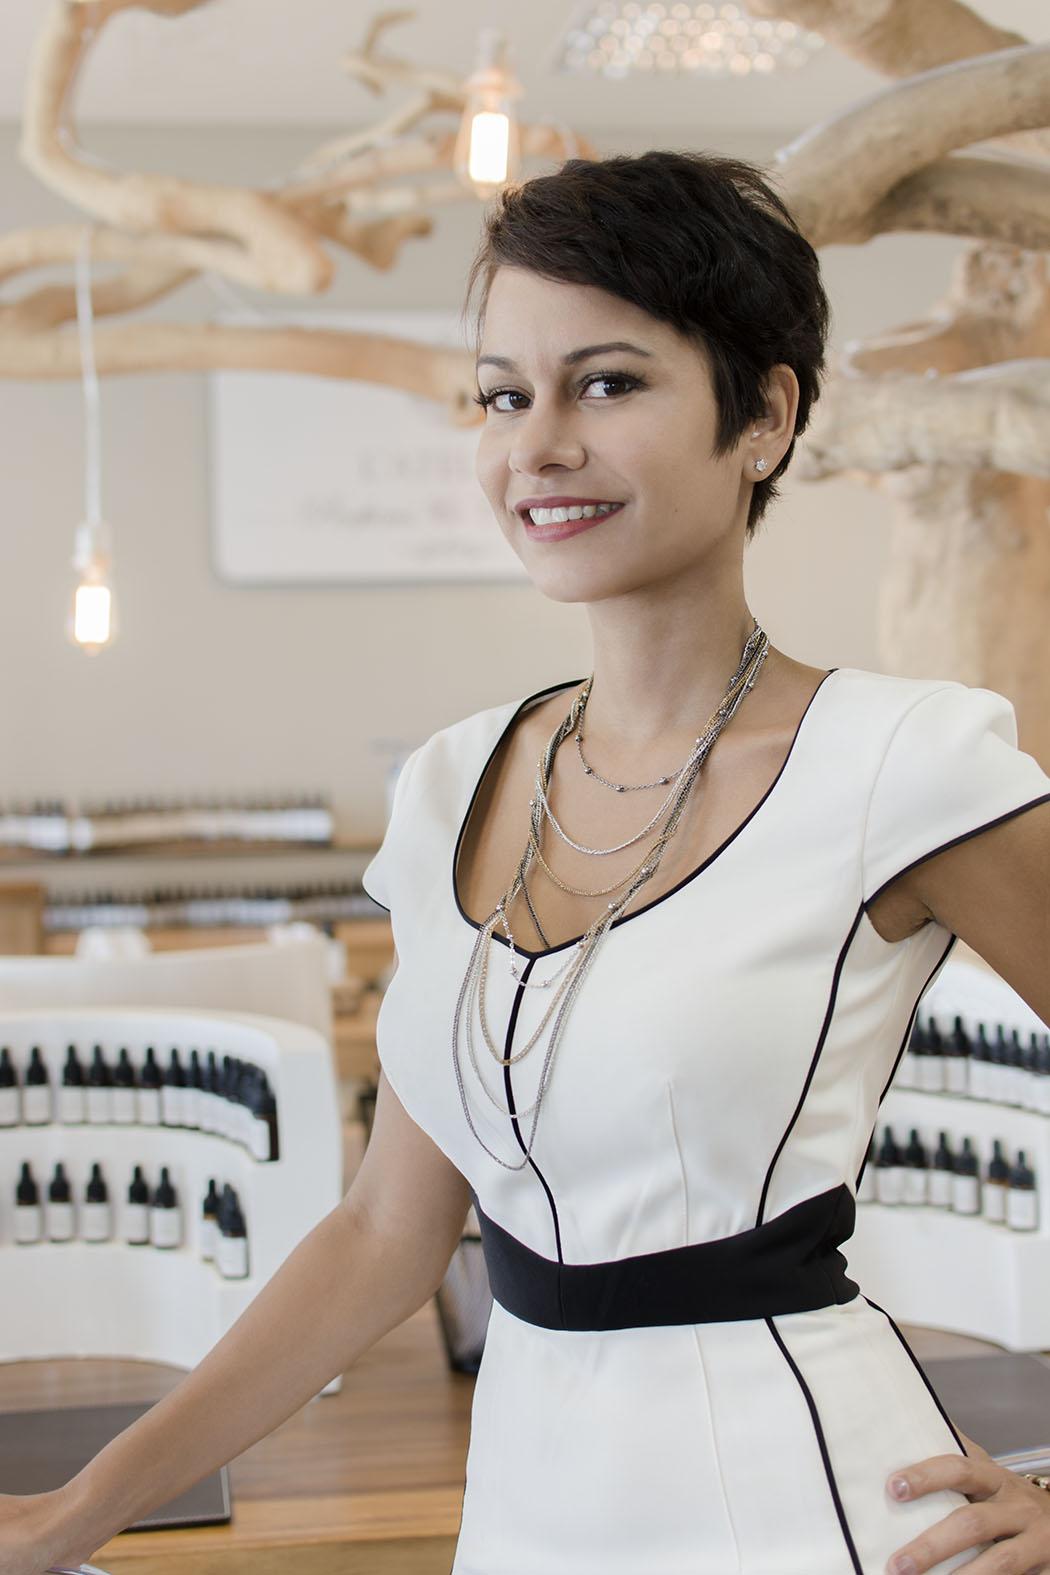 Nora Gasparini